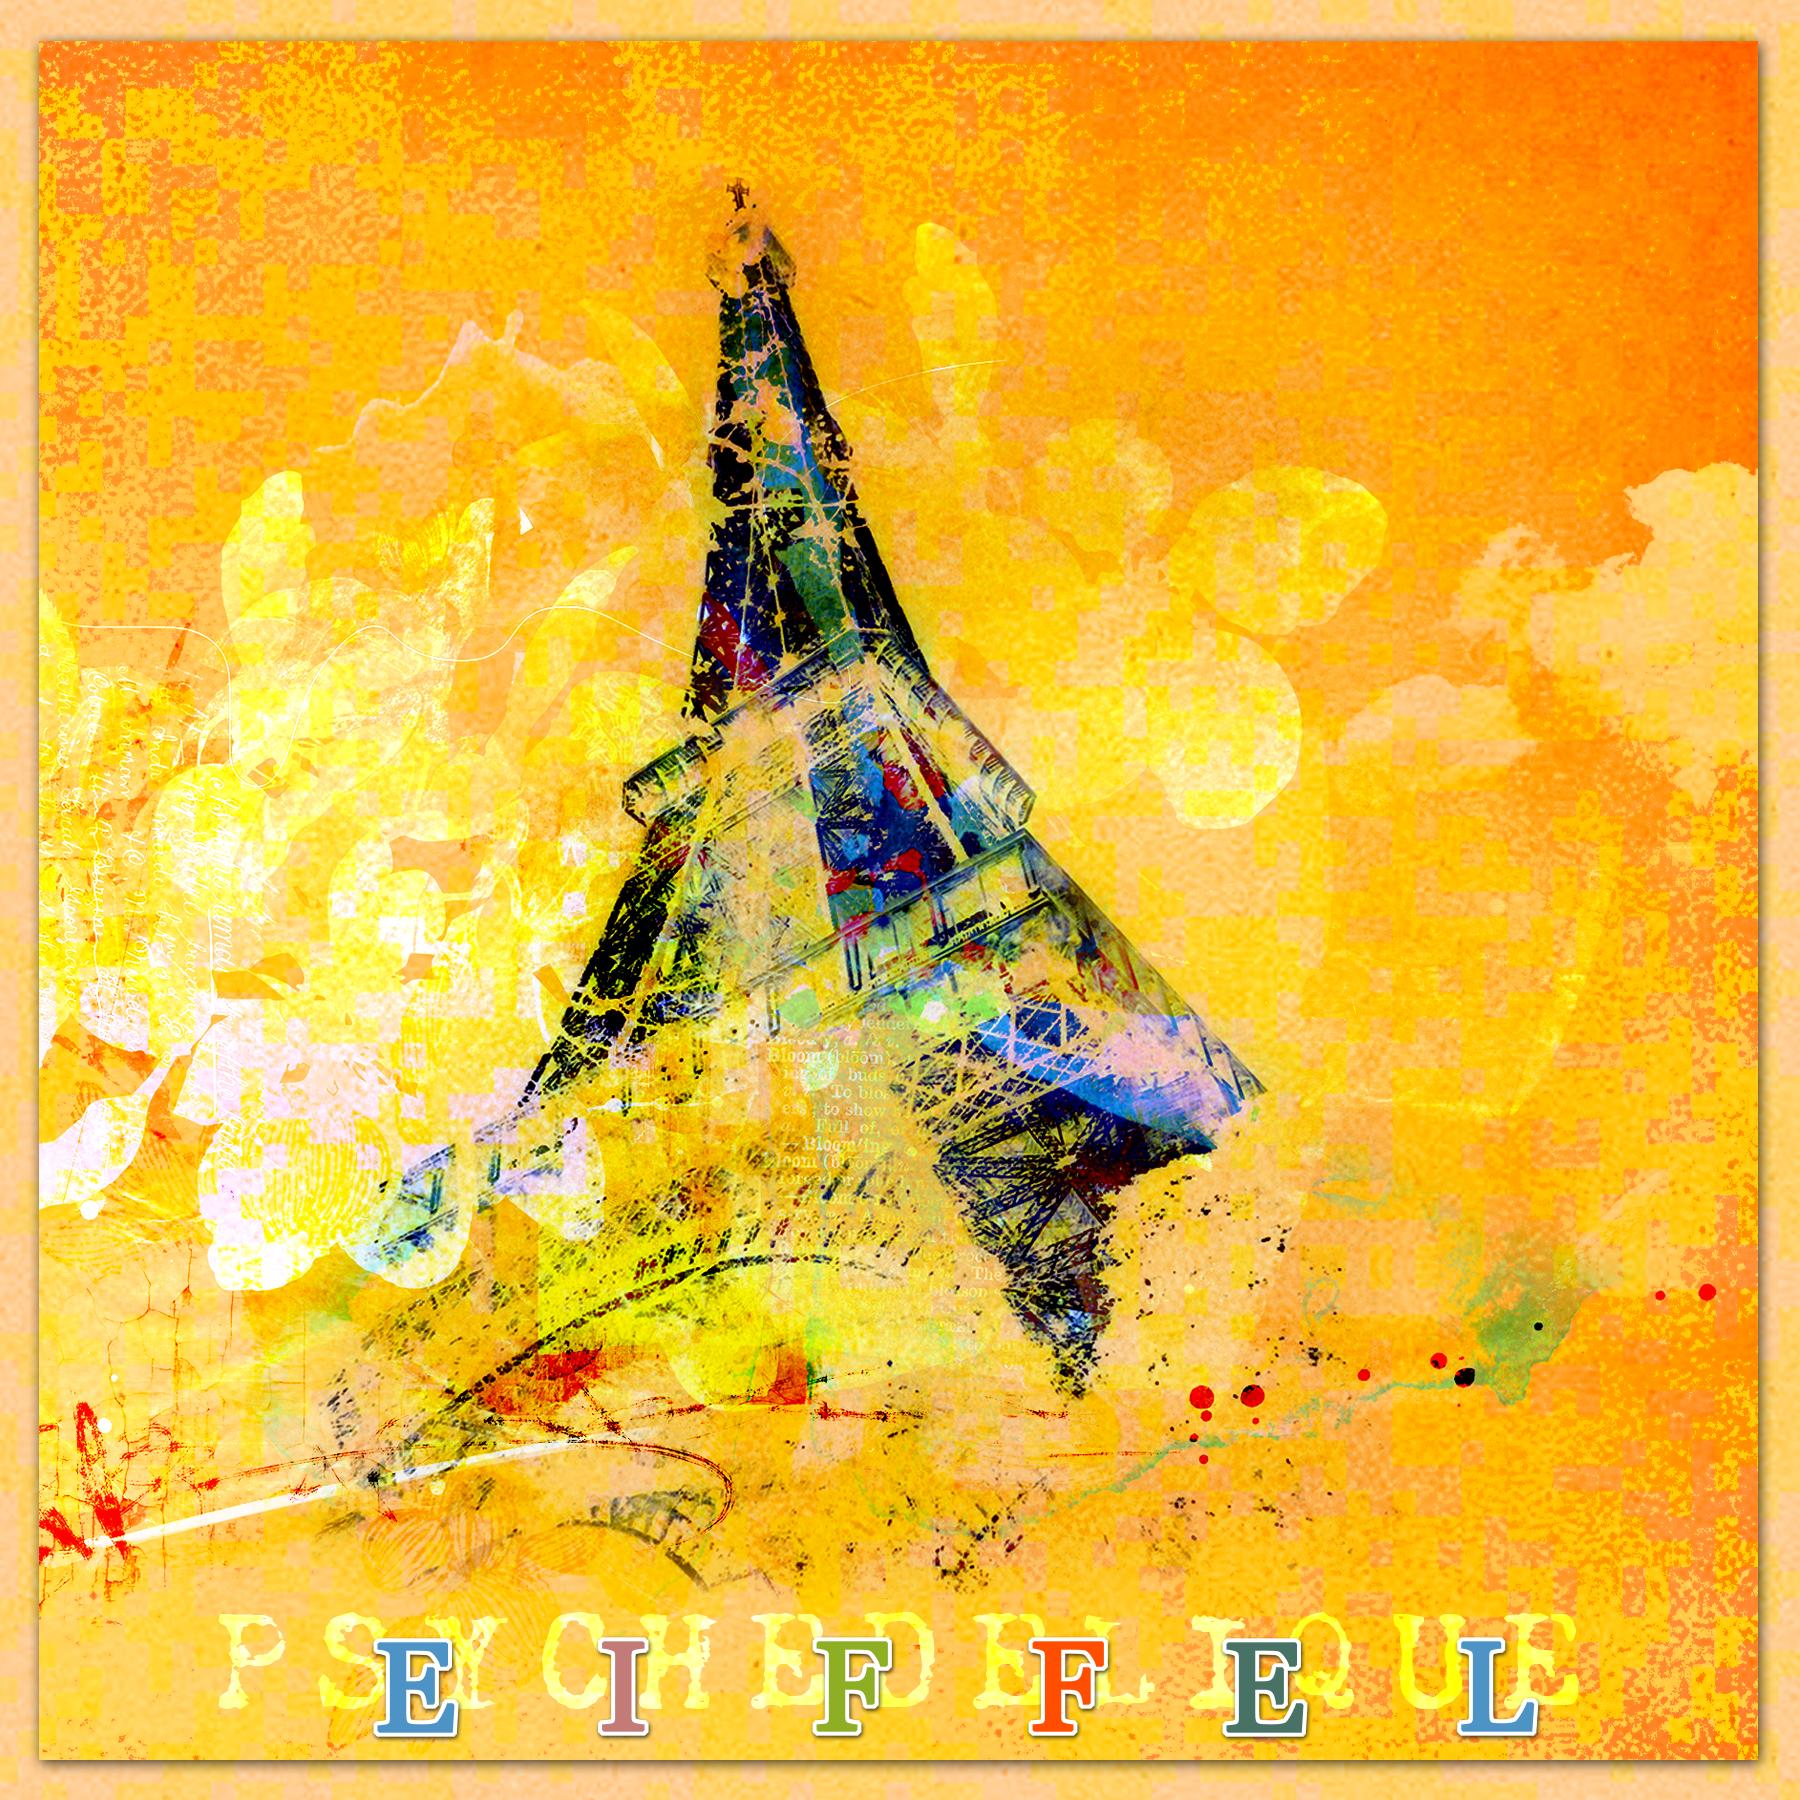 Eiffel_contre-plongée_psyche